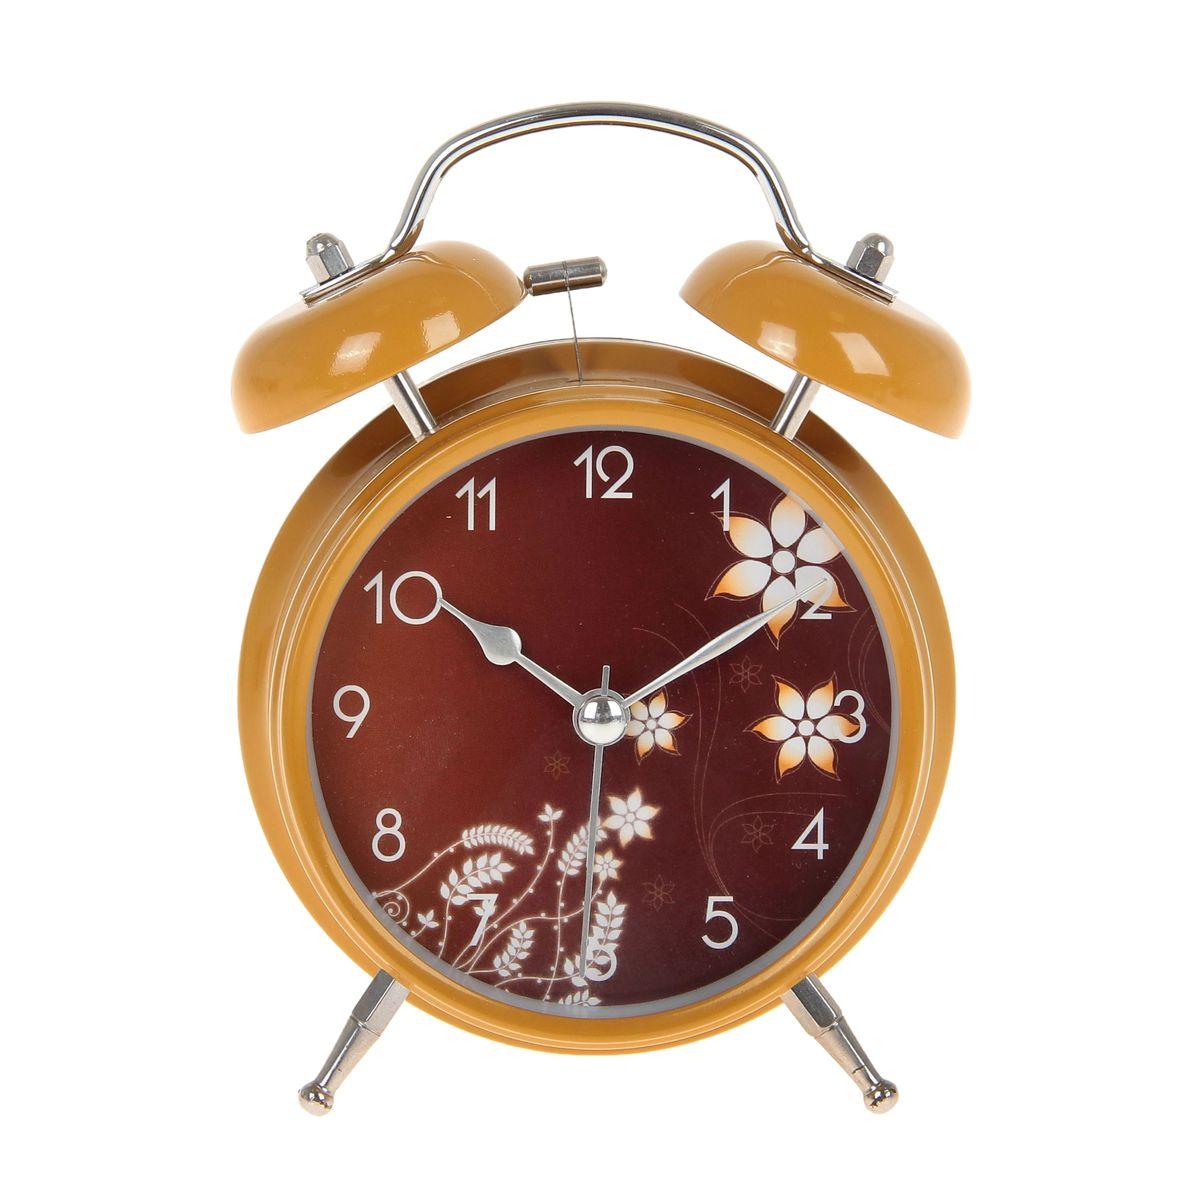 Часы-будильник Sima-land. 720834MRC 4119 P schwarzКак же сложно иногда вставать вовремя! Всегда так хочется поспать еще хотя бы 5 минут и бывает, что мы просыпаем. Теперь этого не случится! Яркий, оригинальный будильник Sima-land поможет вам всегда вставать в нужное время и успевать везде и всюду. Время показывает точно и будит в установленный час. Будильник украсит вашу комнату и приведет в восхищение друзей. На задней панели будильника расположены переключатель включения/выключения механизма и два колесика для настройки текущего времени и времени звонка будильника. Также будильник оснащен кнопкой, при нажатии и удержании которой, подсвечивается циферблат.Будильник работает от 2 батареек типа AA напряжением 1,5V (не входят в комплект).